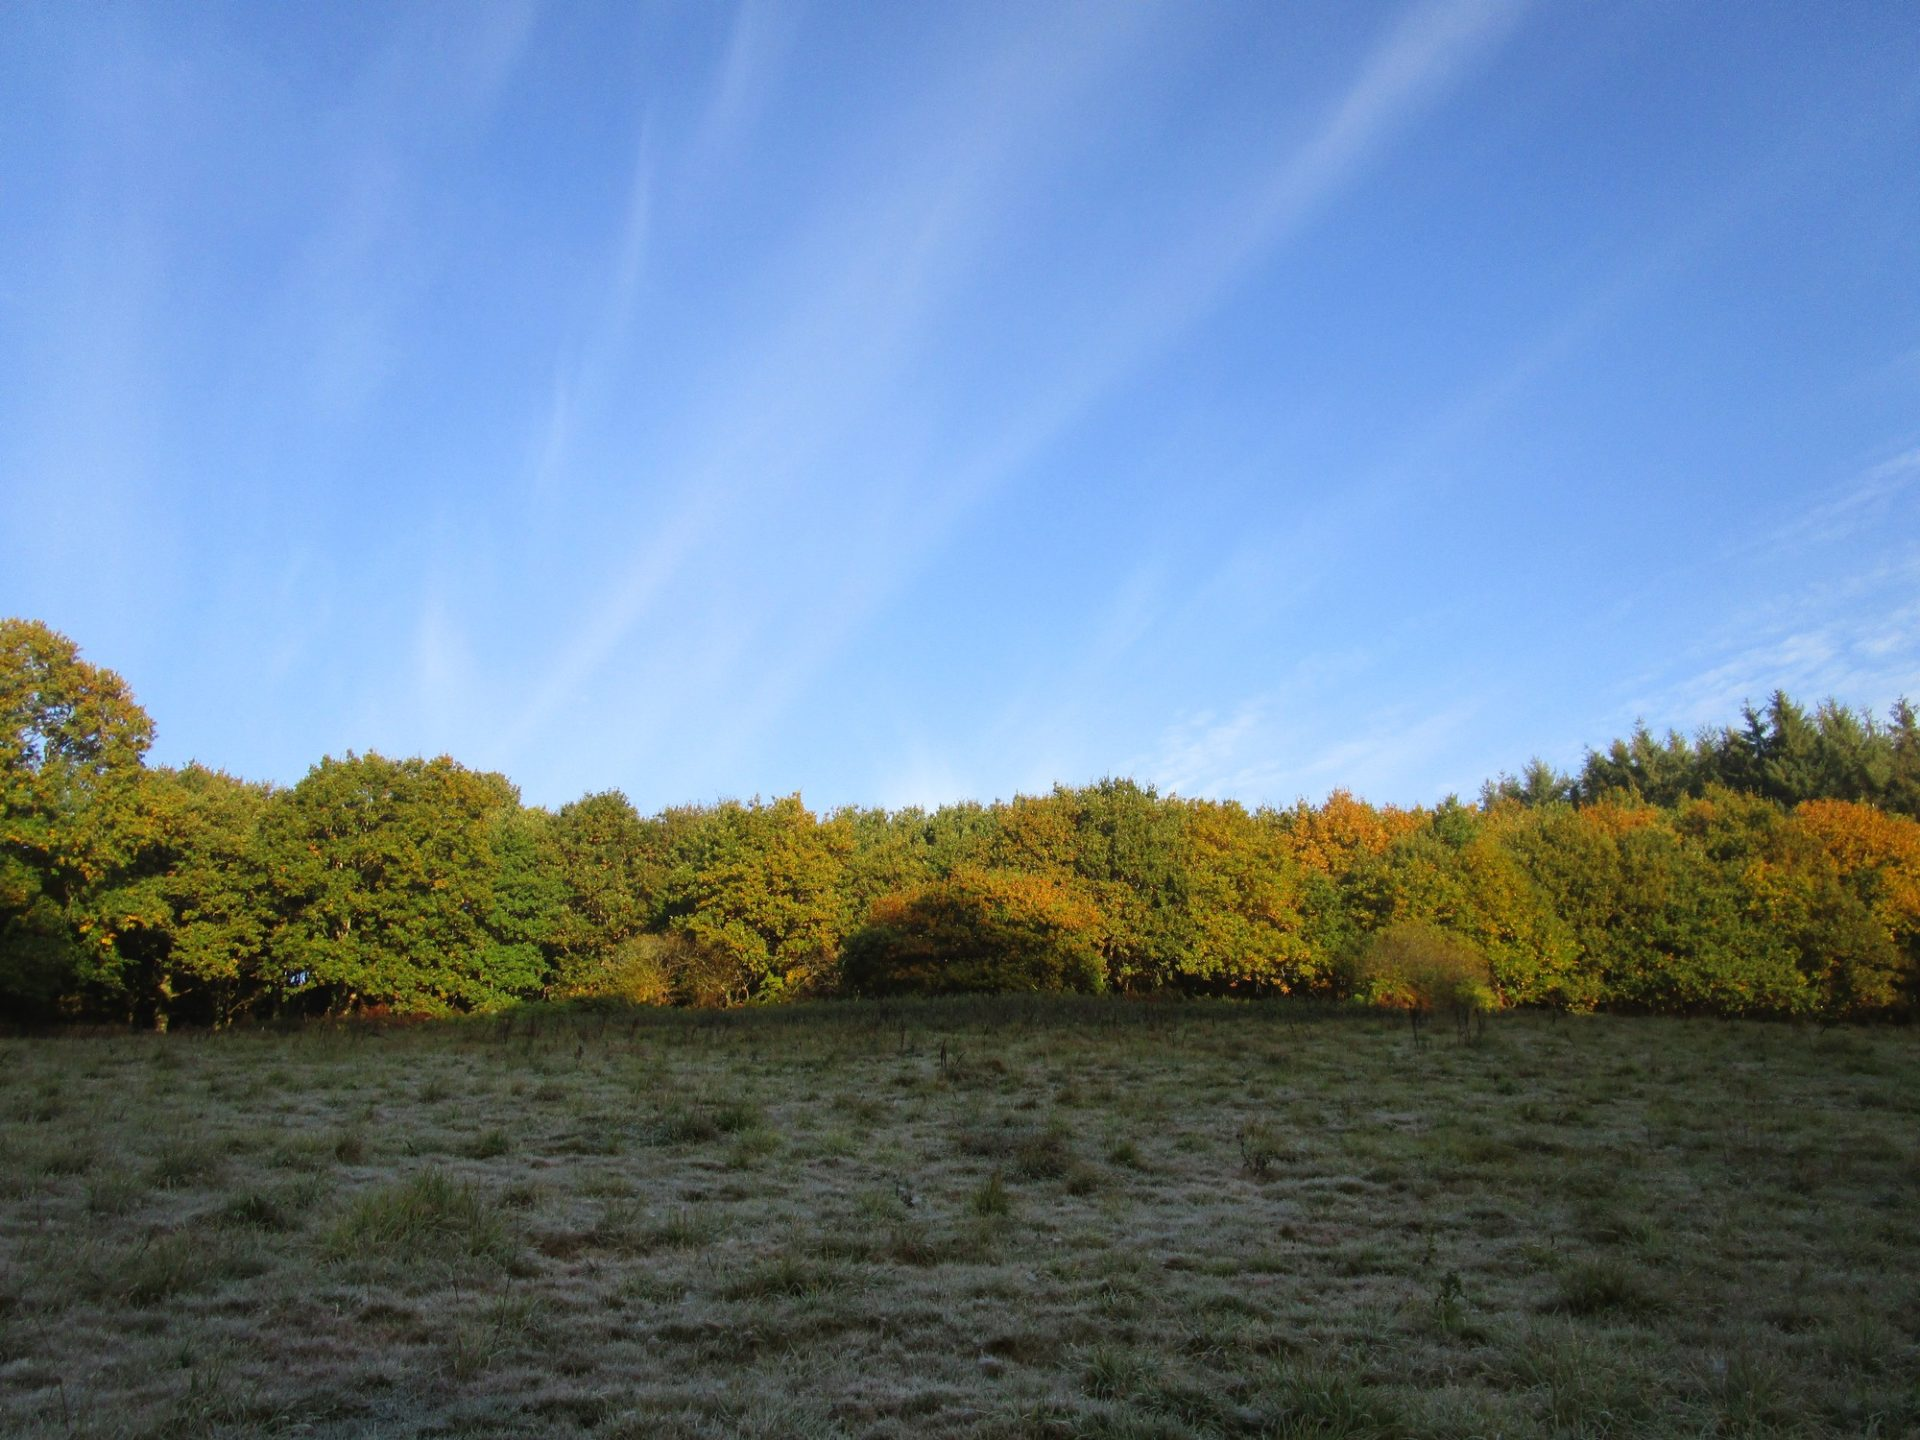 Le champ vu d'en bas (automne 2017)